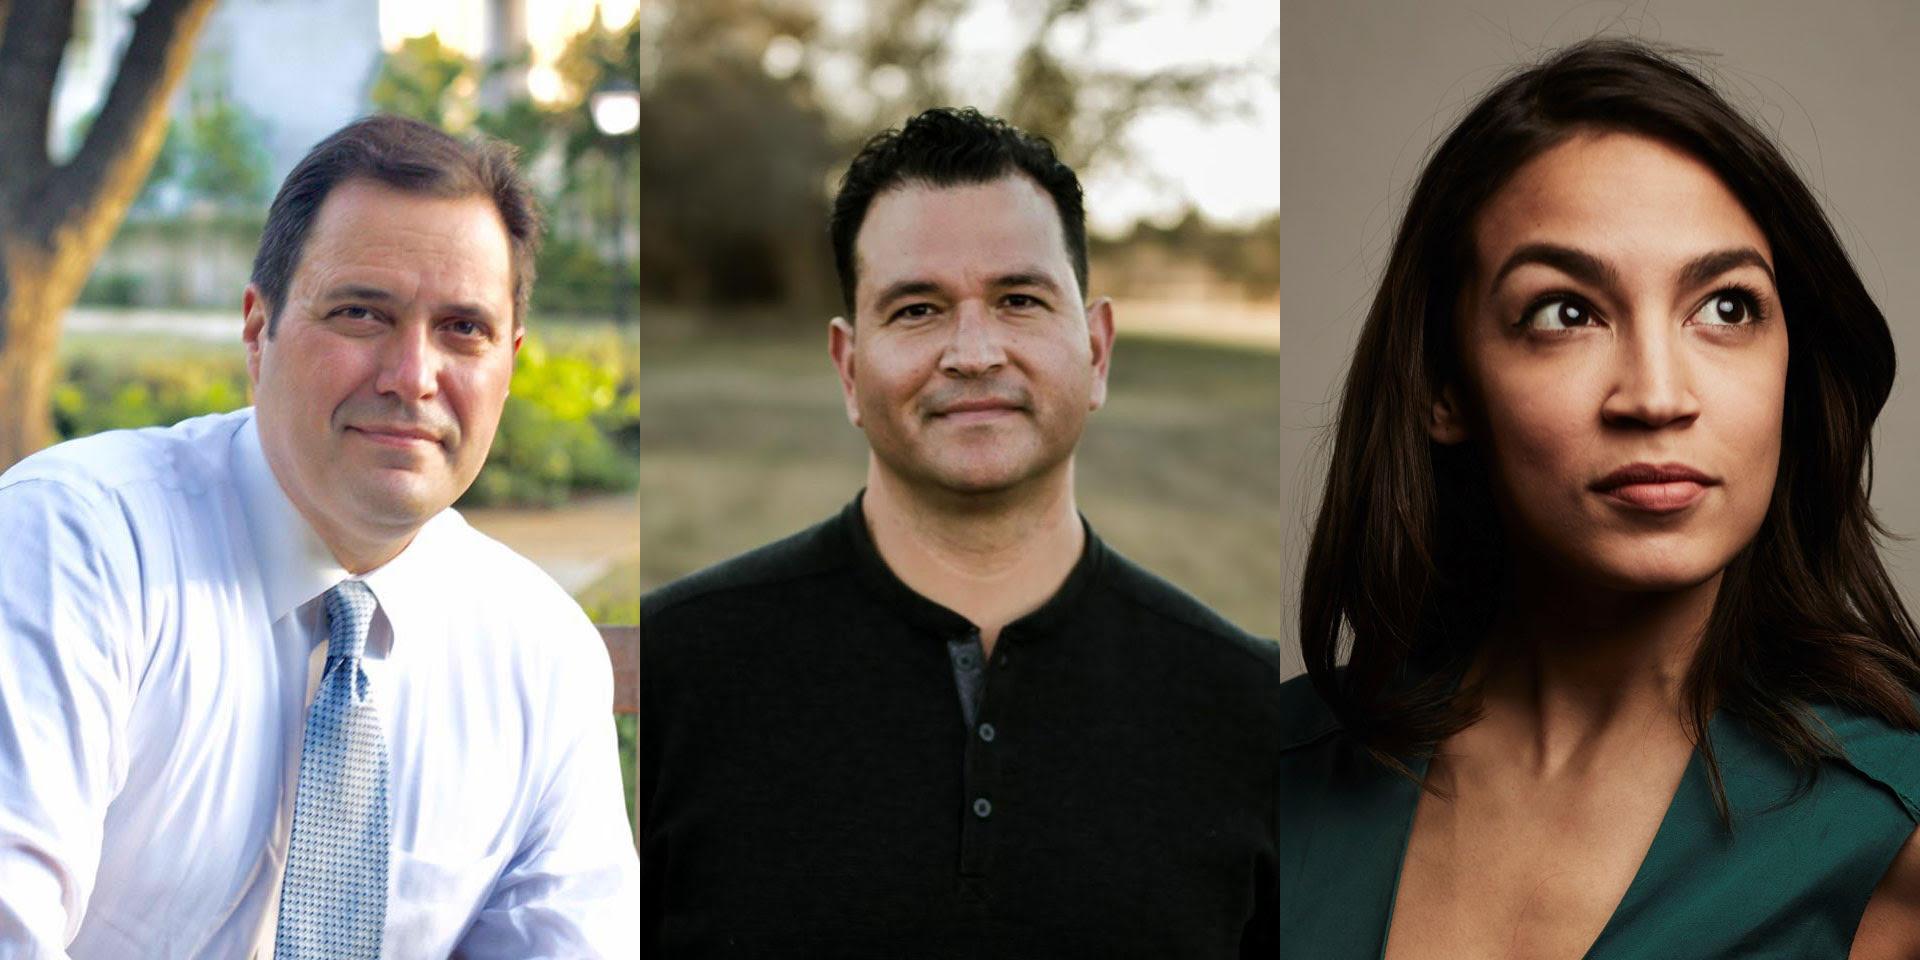 George Rodriguez, Miguel Levario, and Alexandria Ocasio-Cortez, NHI Congressional Candidates